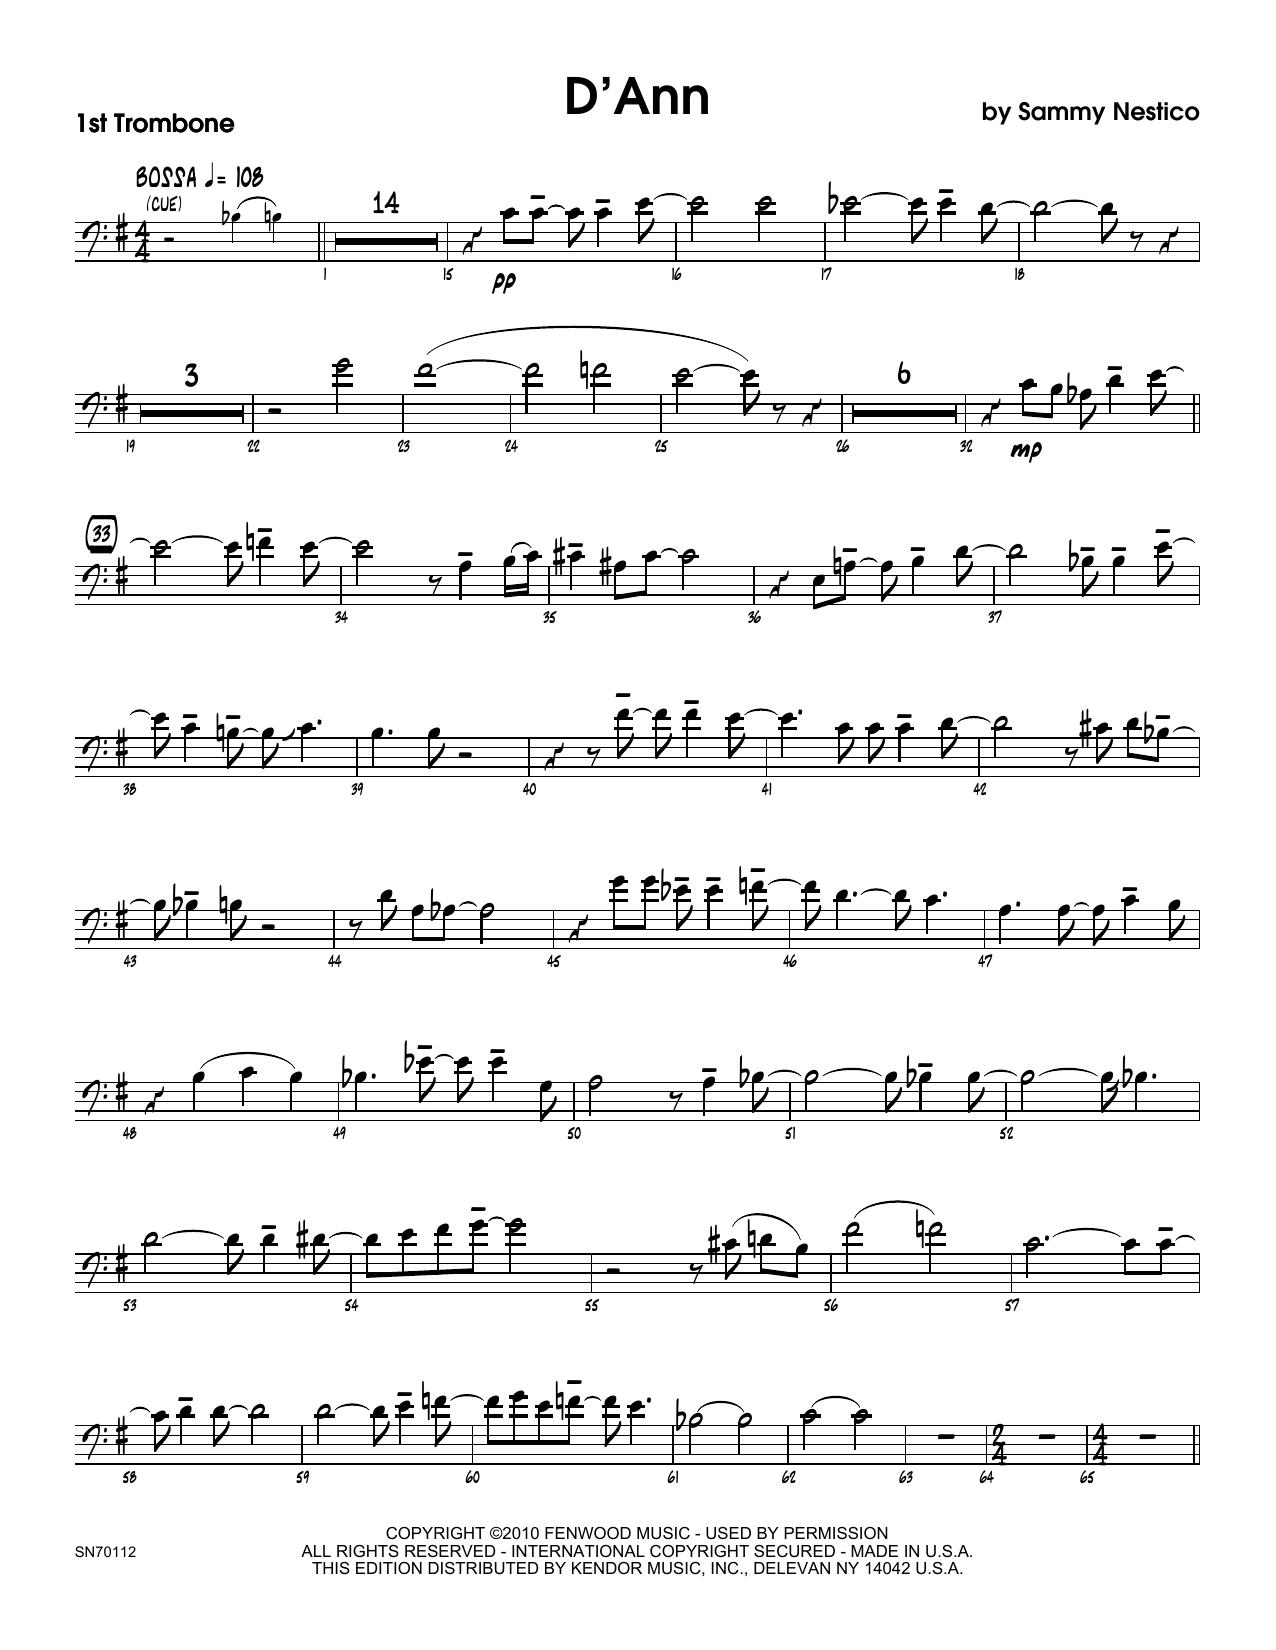 D'Ann - 1st Trombone Sheet Music